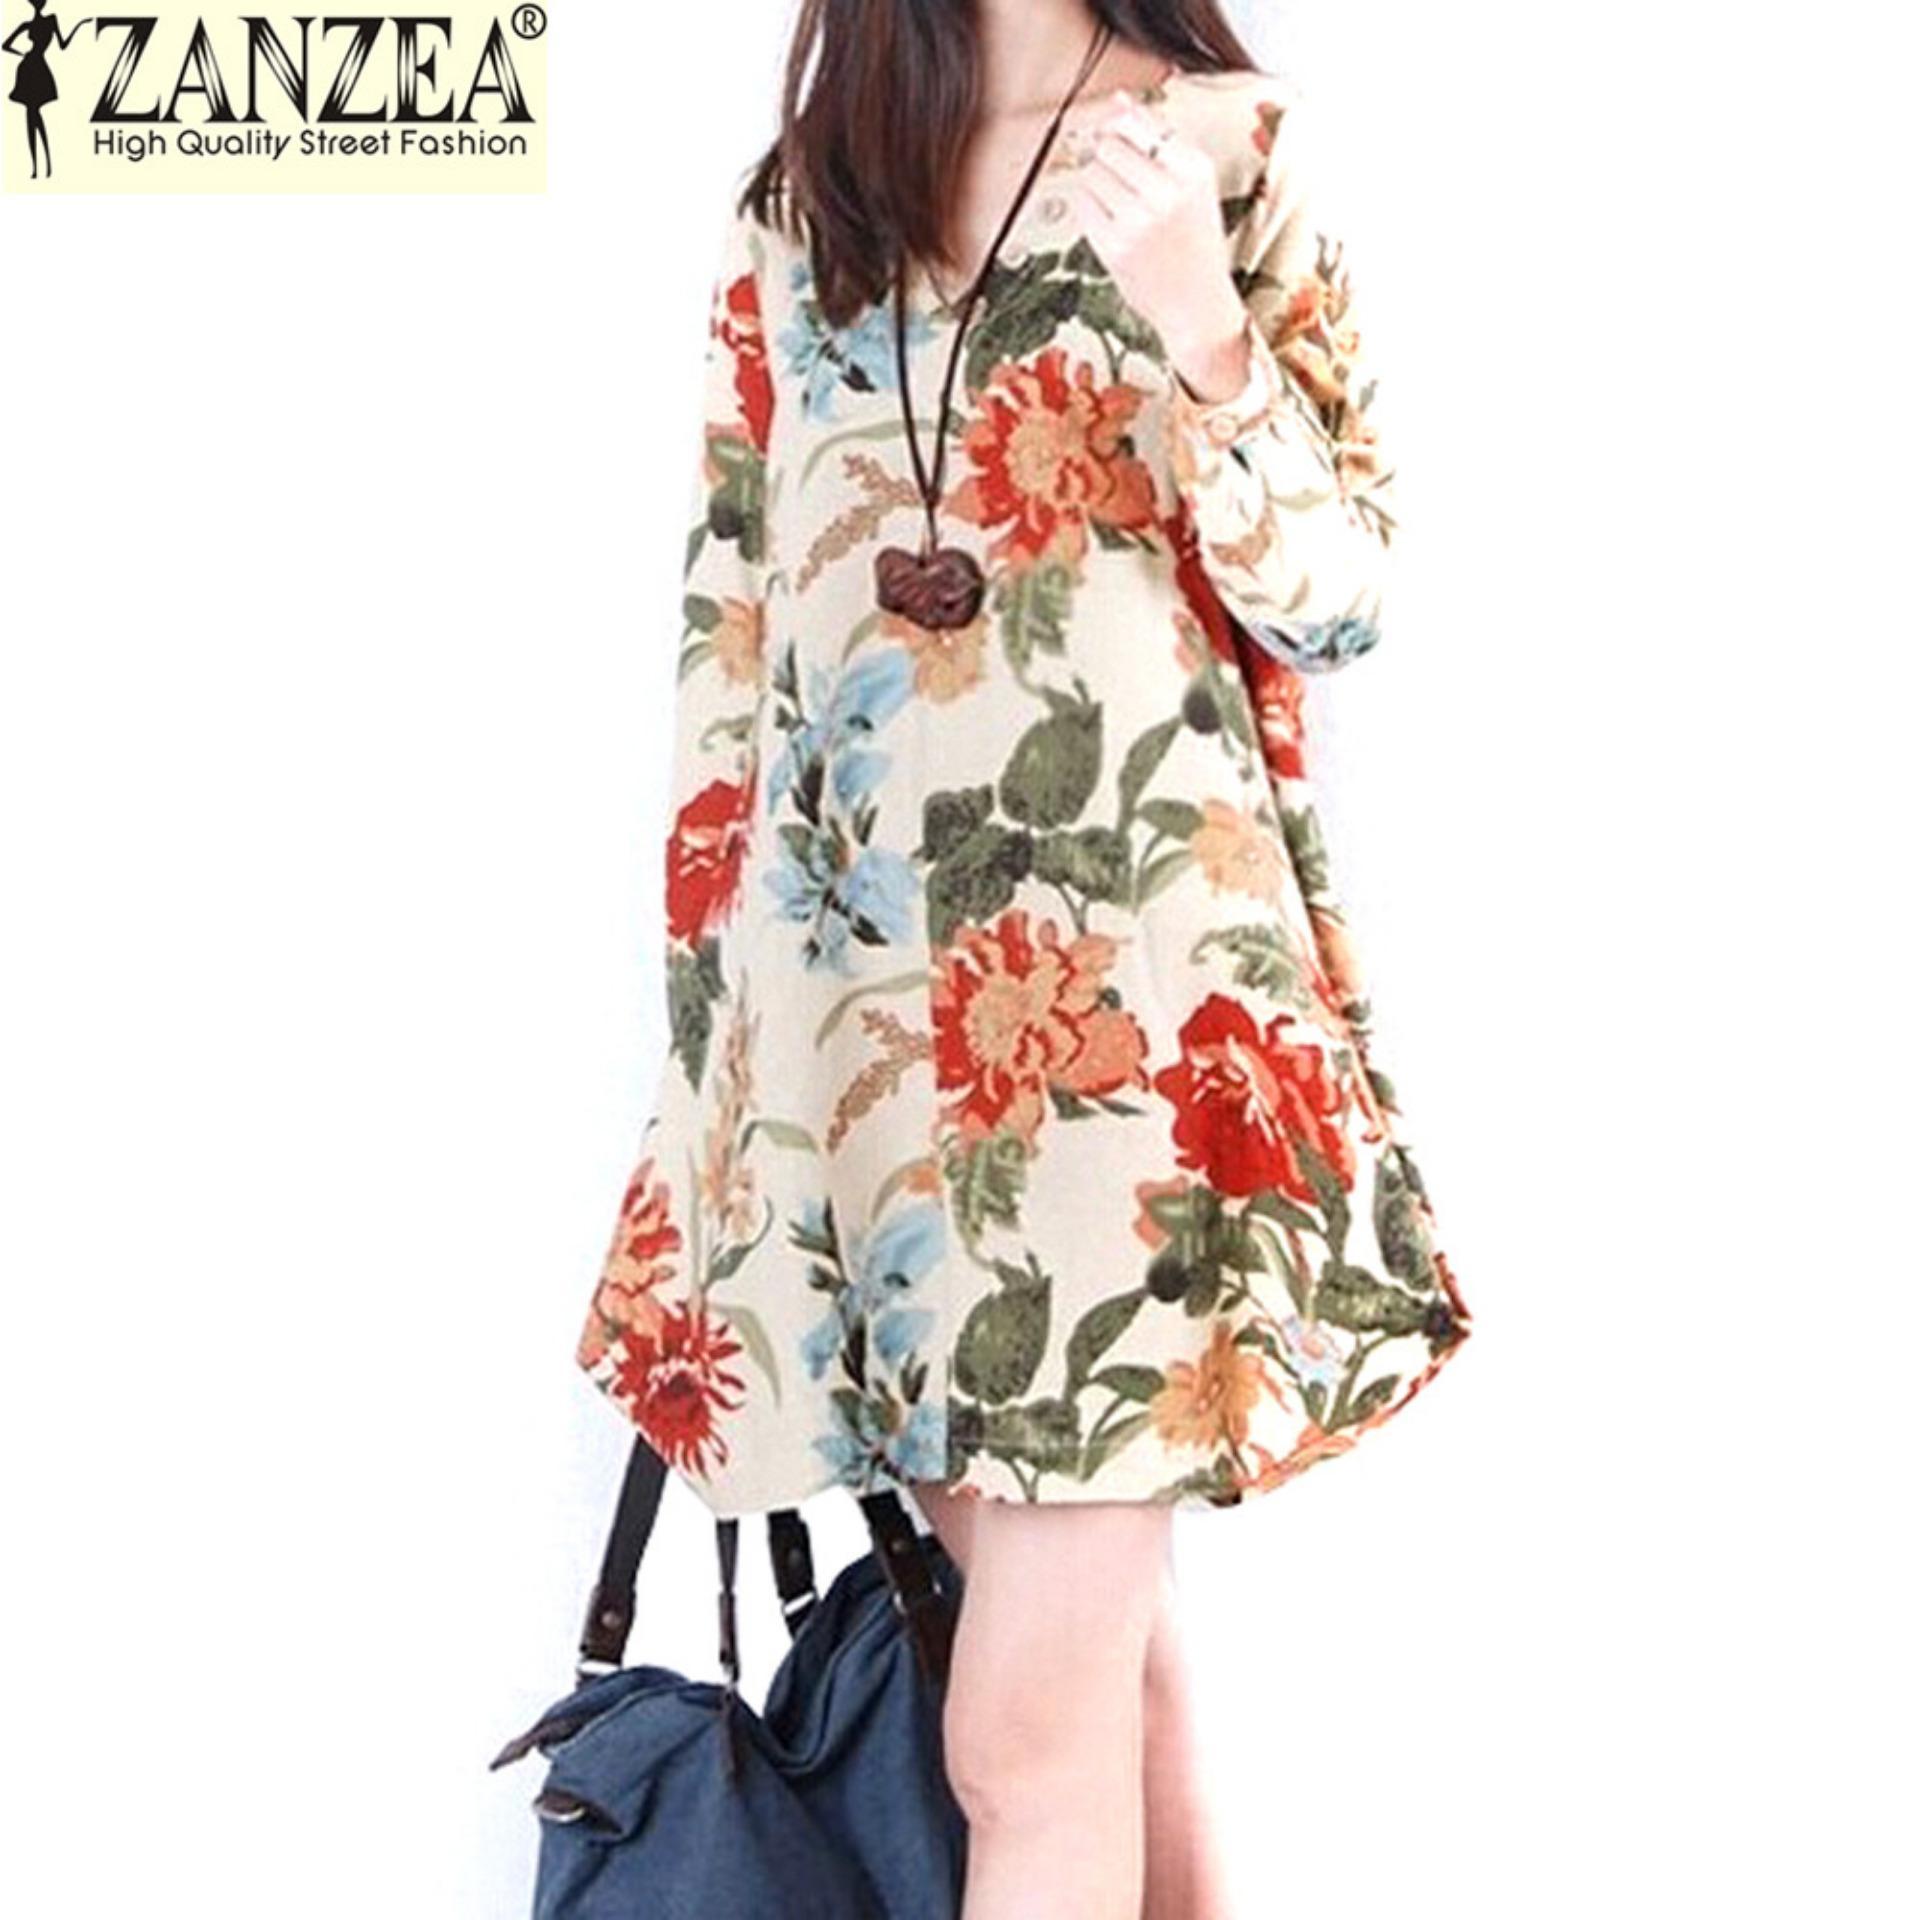 Zanzea Philippines: Zanzea price list - Blouse, Dress, Shirt ...